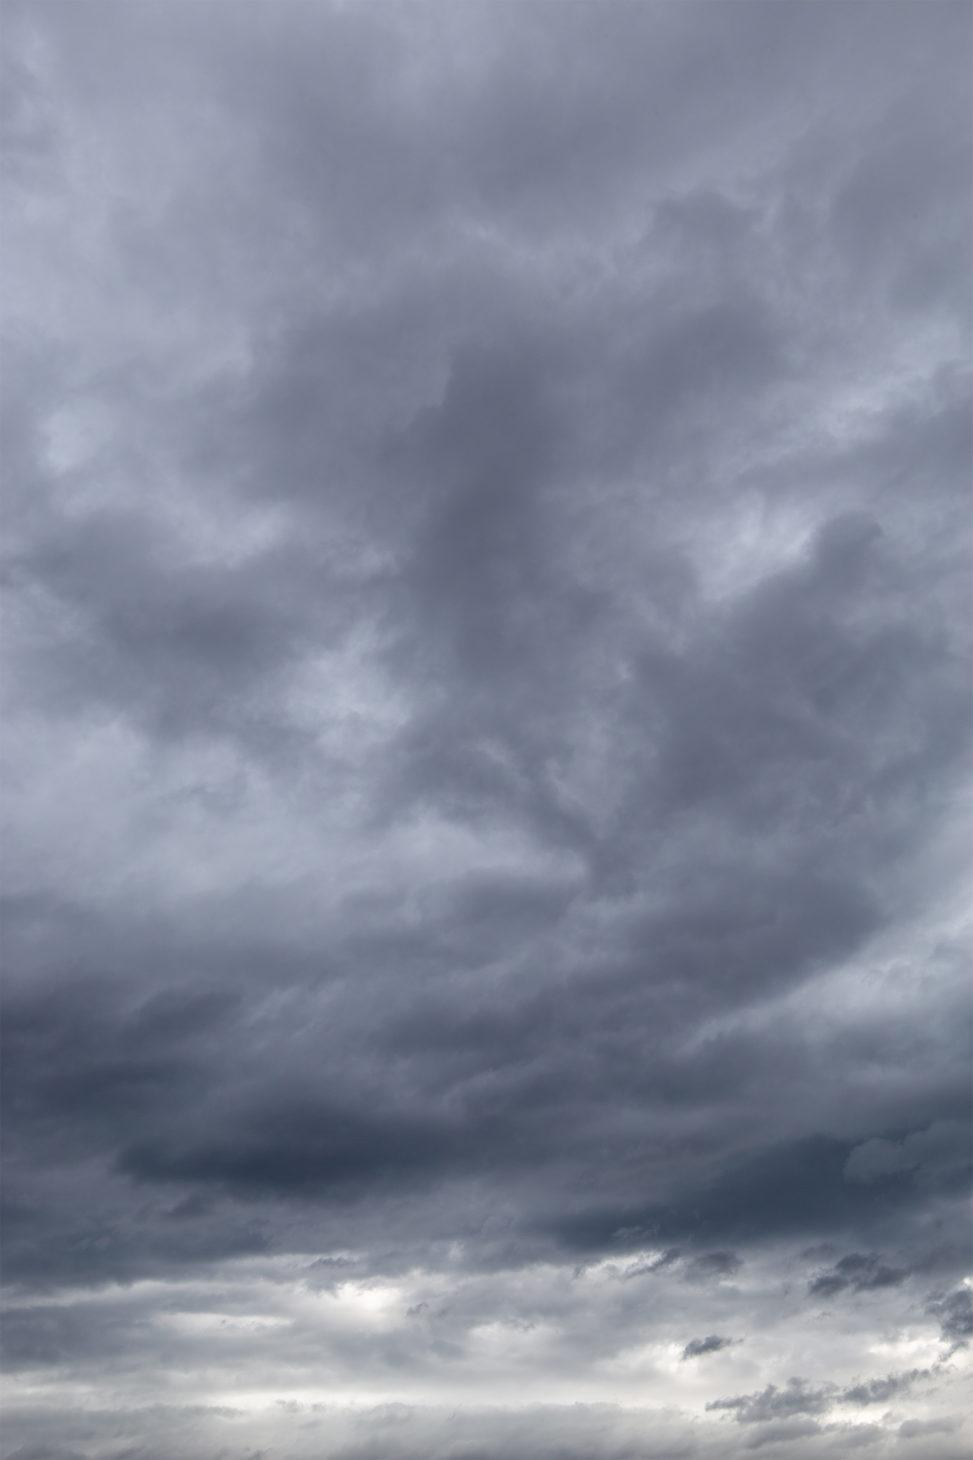 曇り空・曇天02のフリー写真素材